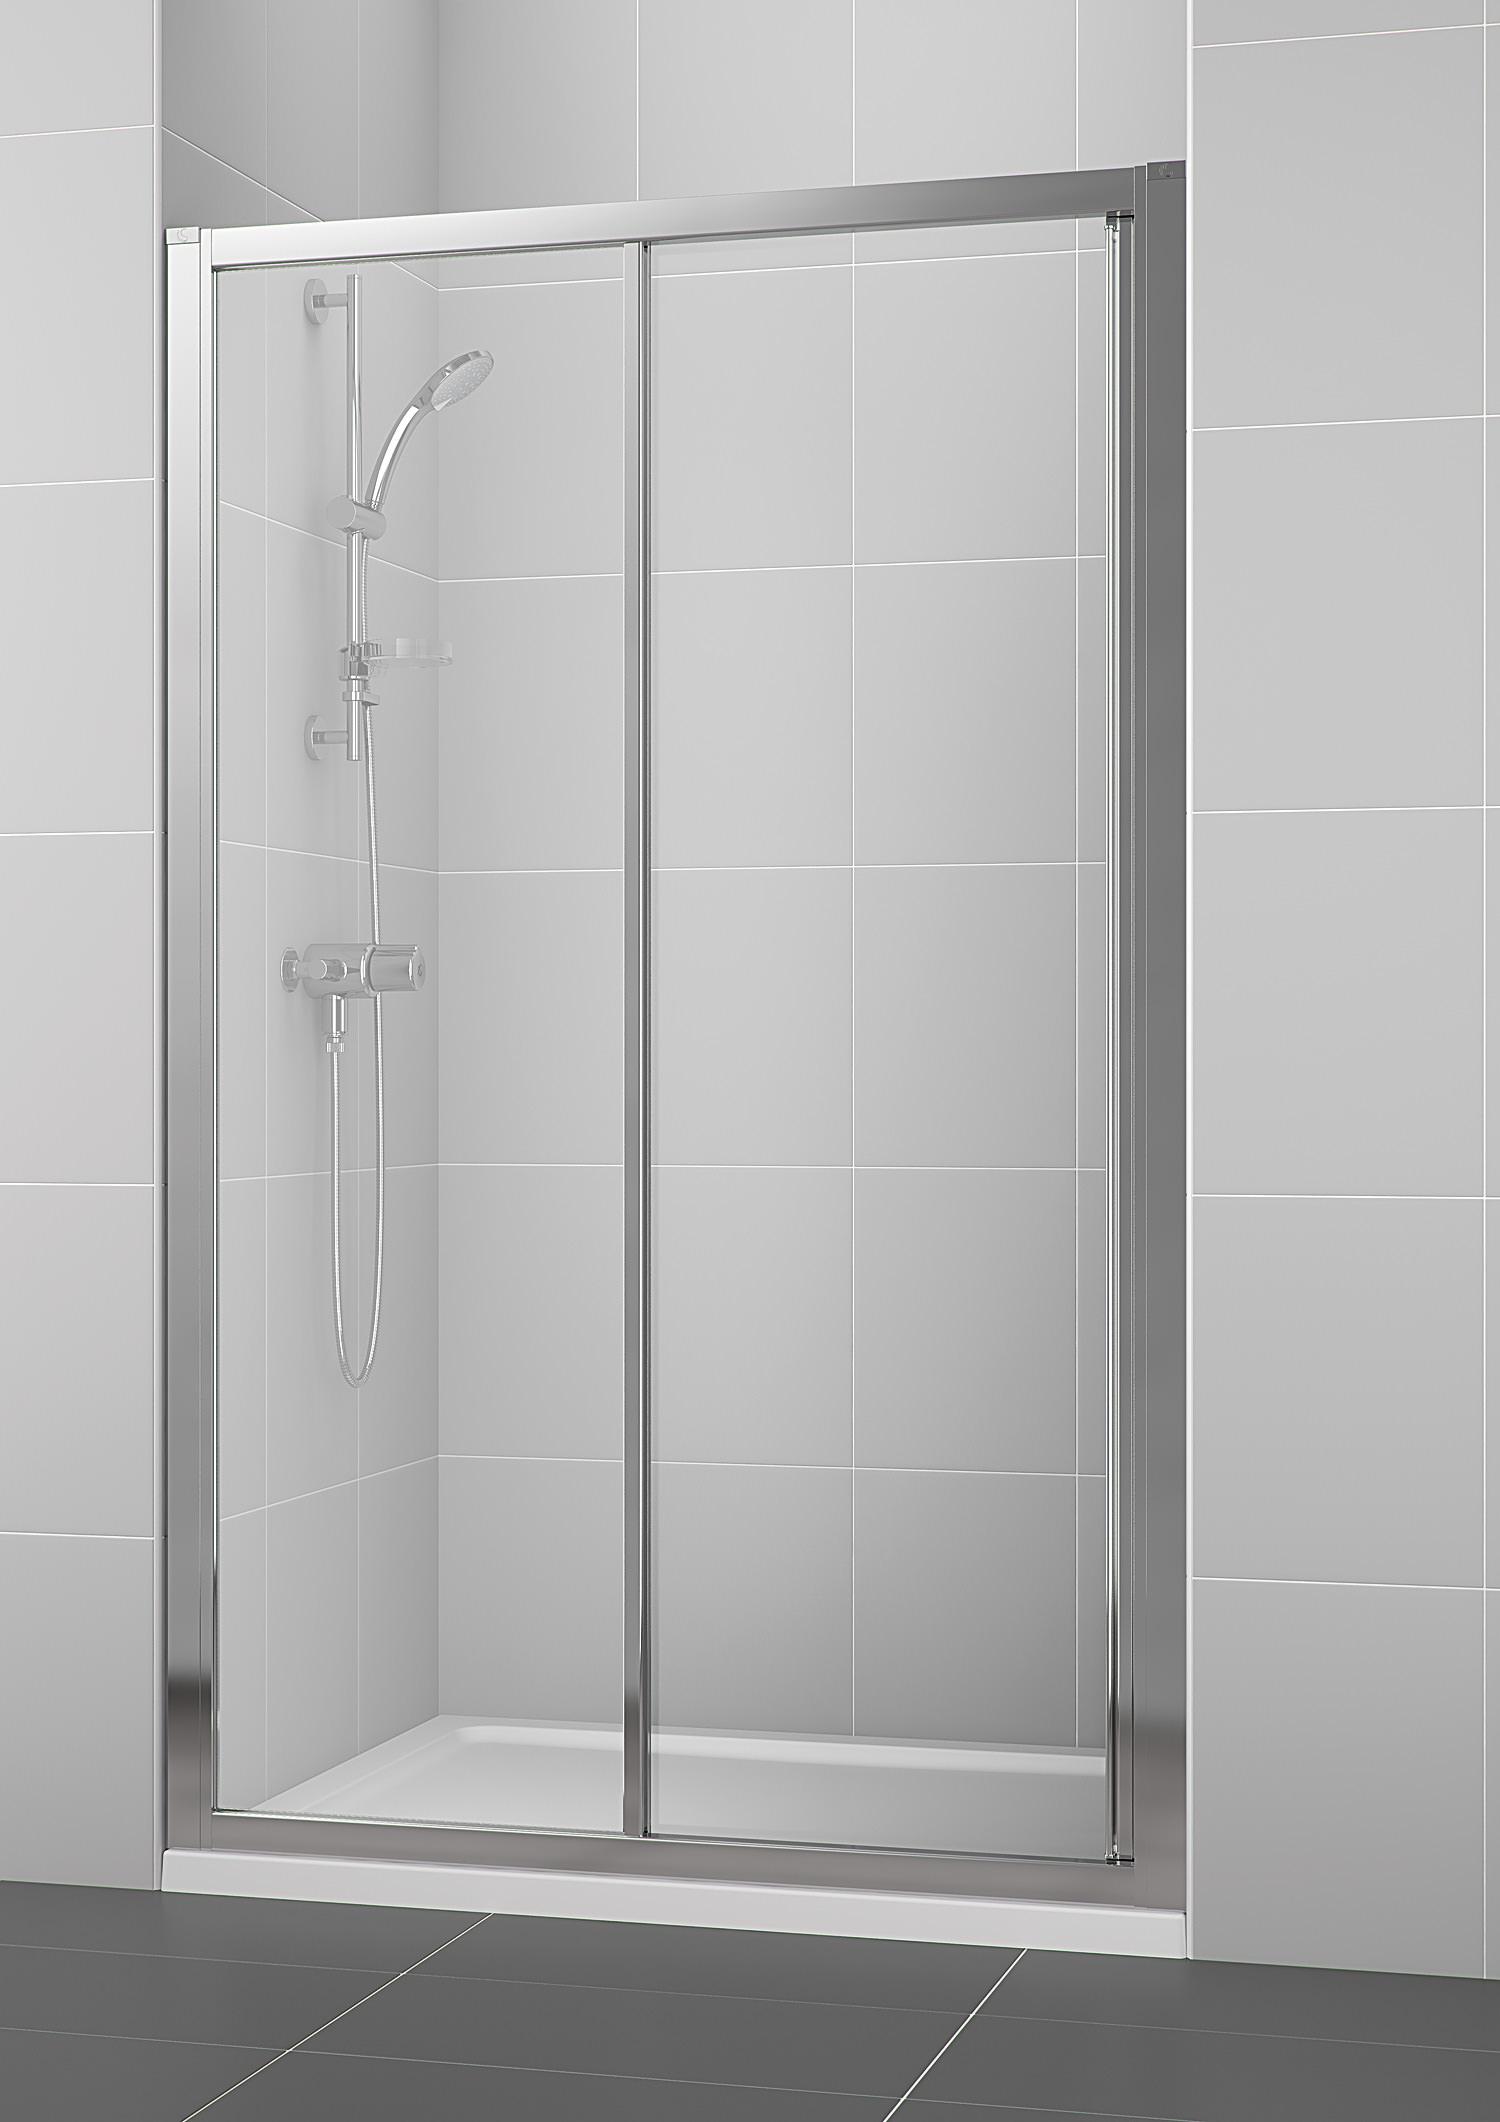 Ideal standard new connect 1200mm slider shower door for 1200mm shower door